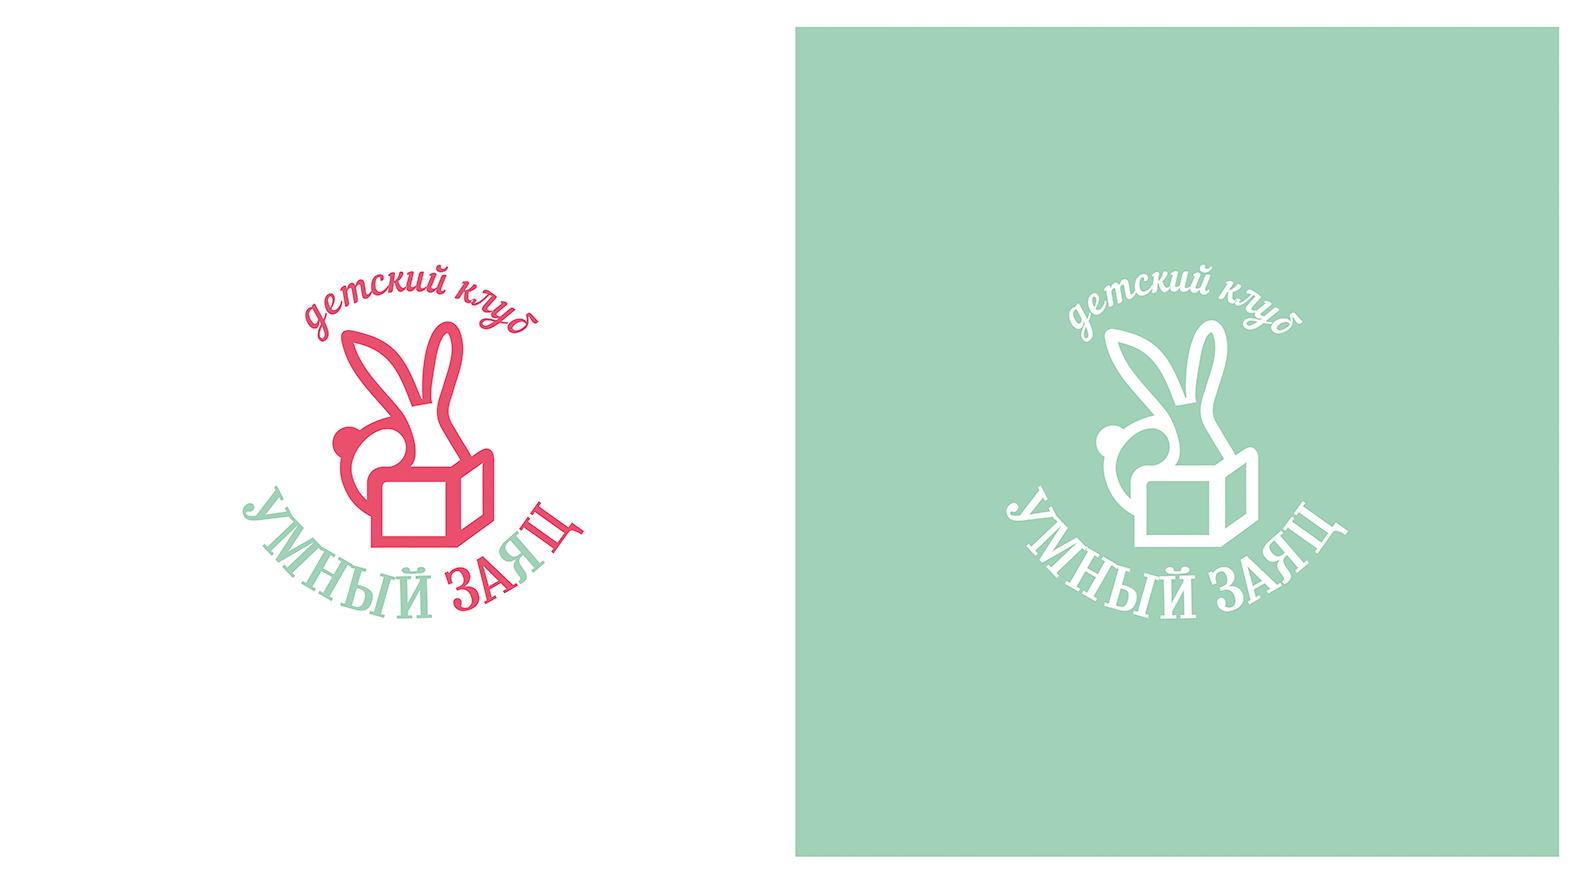 Разработать логотип и фирменный стиль детского клуба фото f_290556123034a7c2.jpg